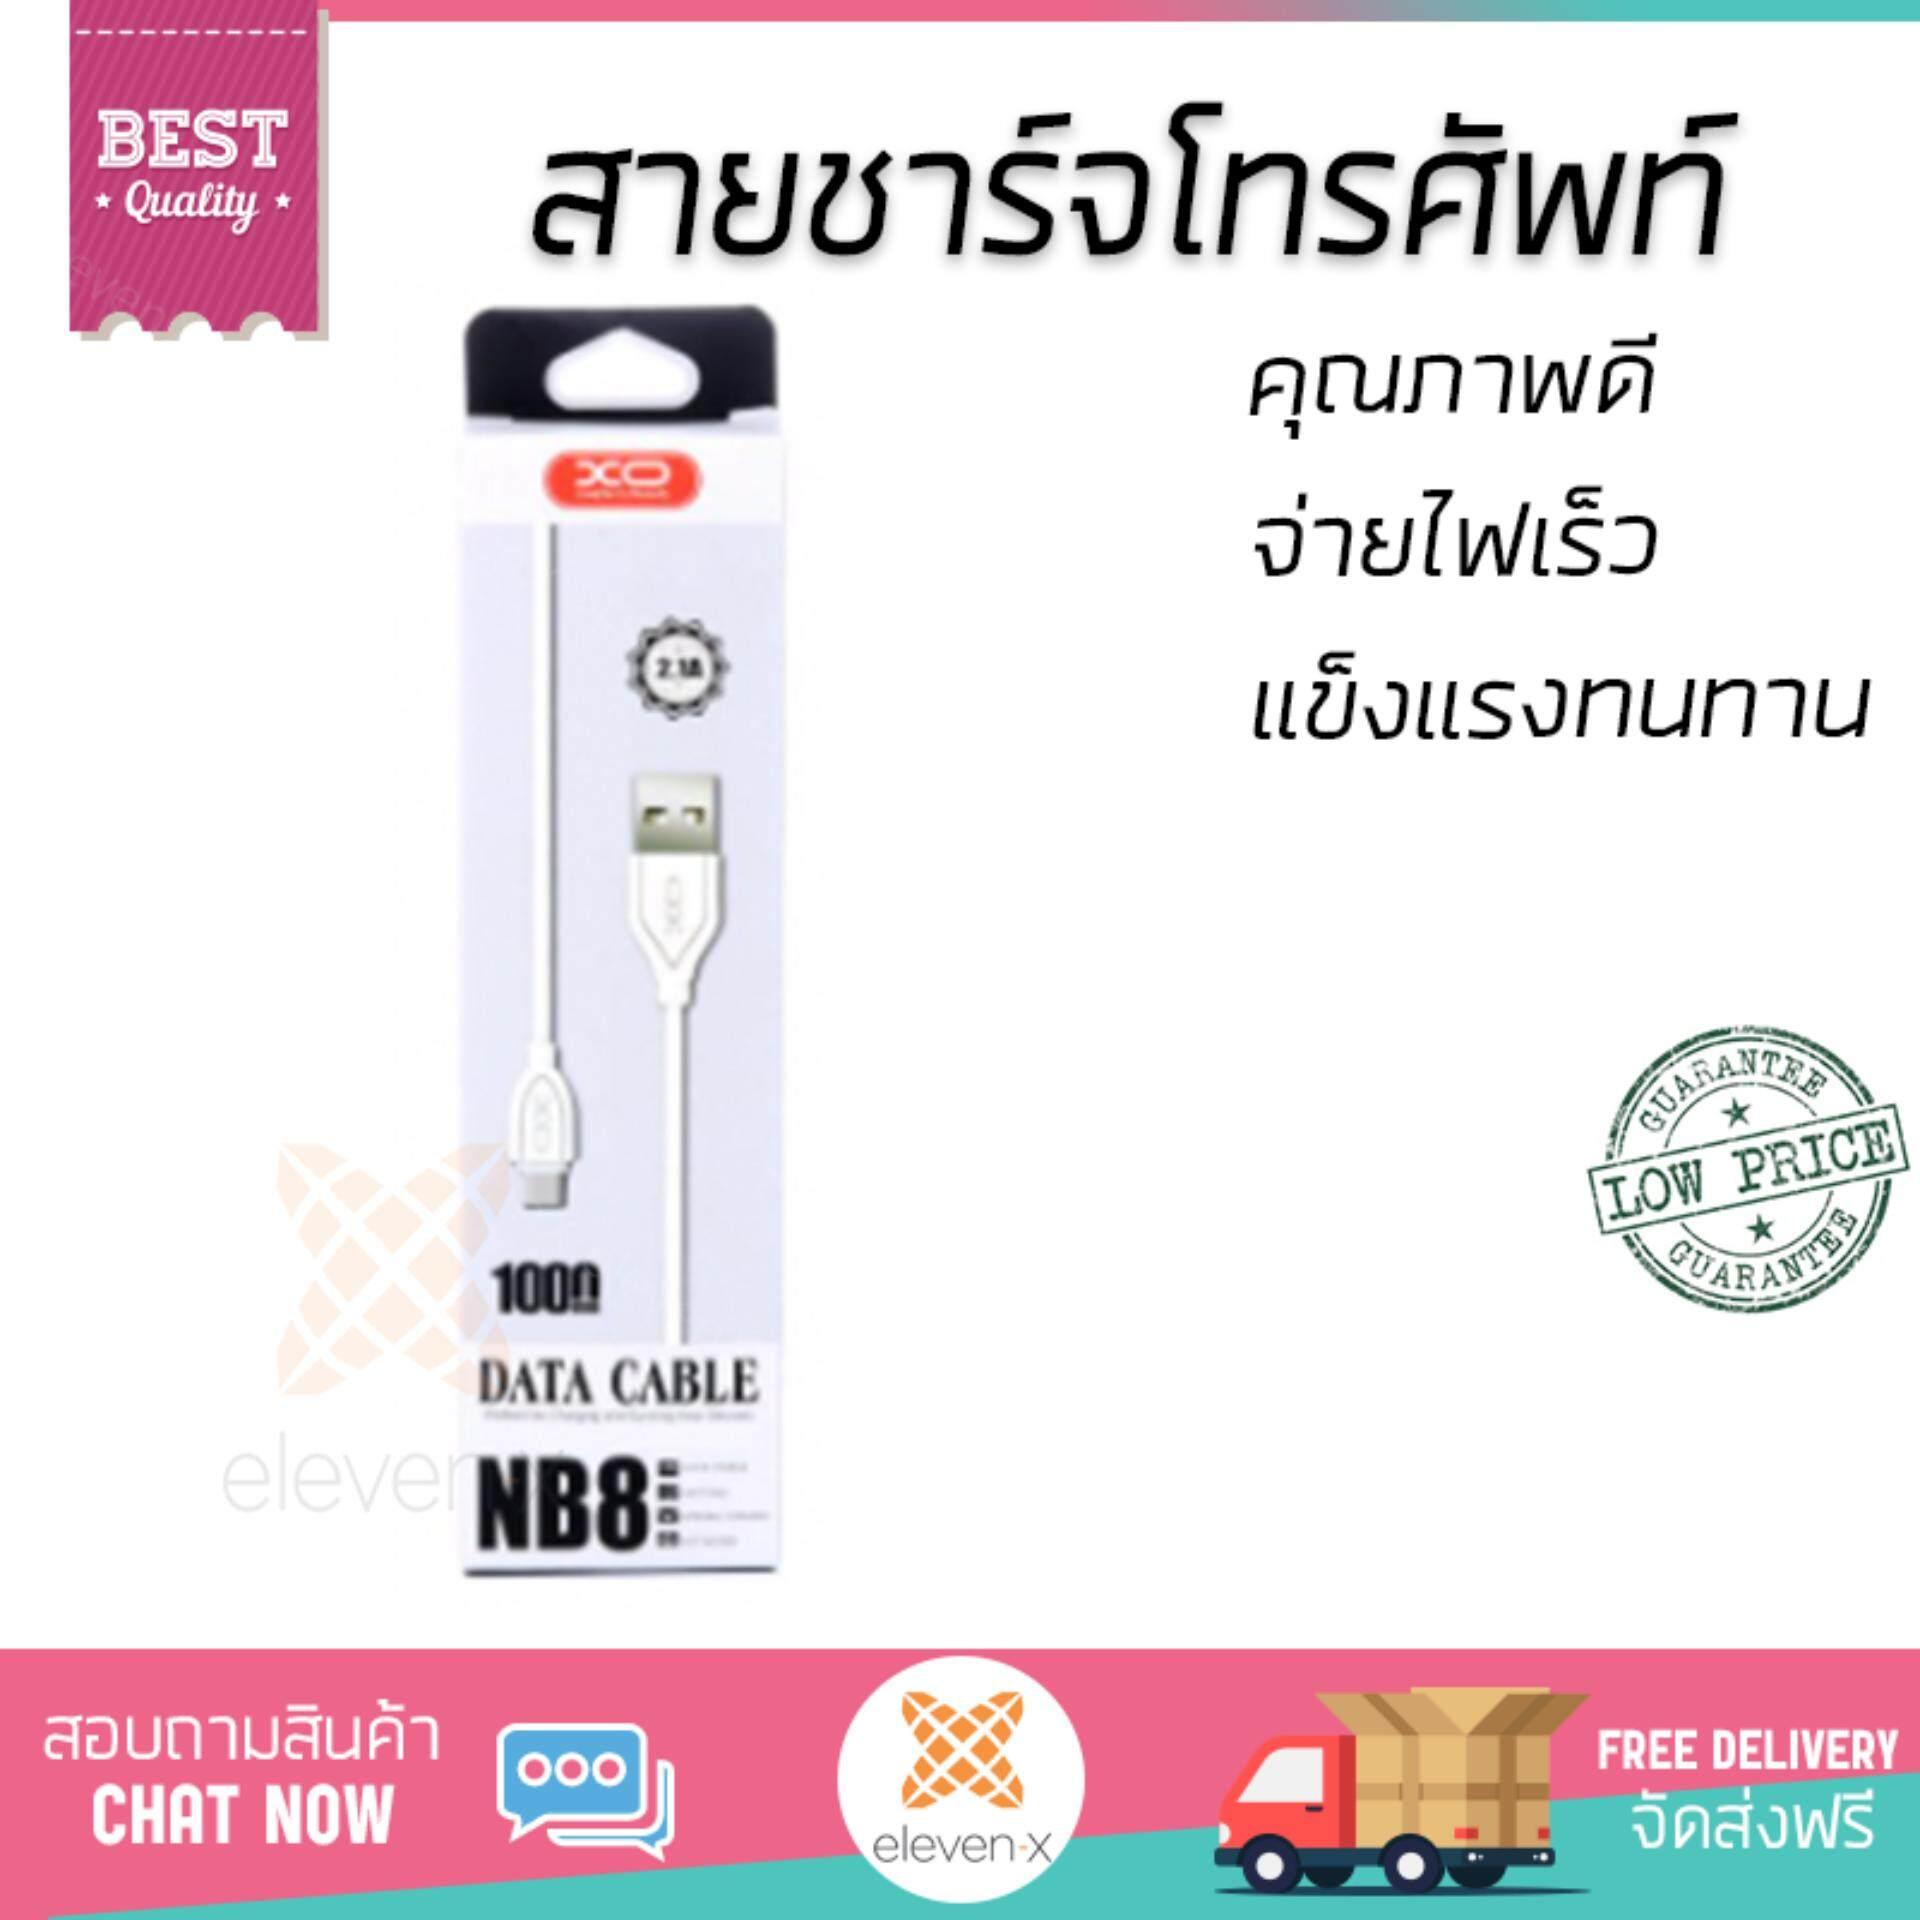 สุดยอดสินค้า!! ราคาพิเศษ รุ่นยอดนิยม สายชาร์จโทรศัพท์ XO NB8 Type-C USB Cable 1M. White (IMP) สายชาร์จทนทาน แข็งแรง จ่ายไฟเร็ว Mobile Cable จัดส่งฟรี Kerry ทั่วประเทศ